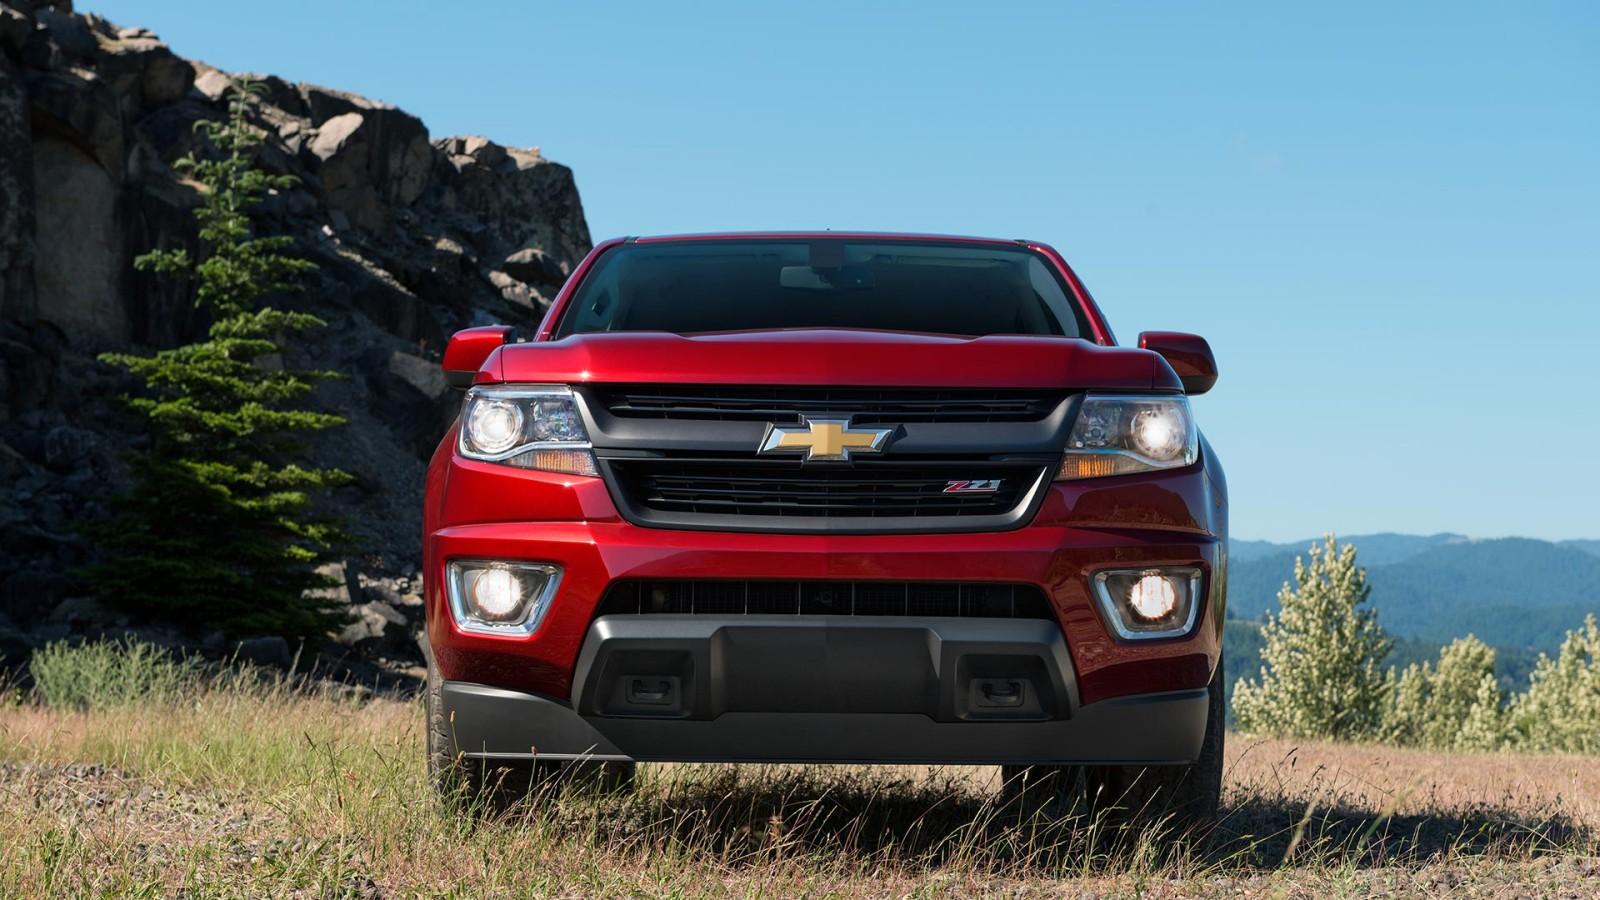 Chevrolet Colorado Lease Deals Price Louisville KY - Chevrolet louisville ky